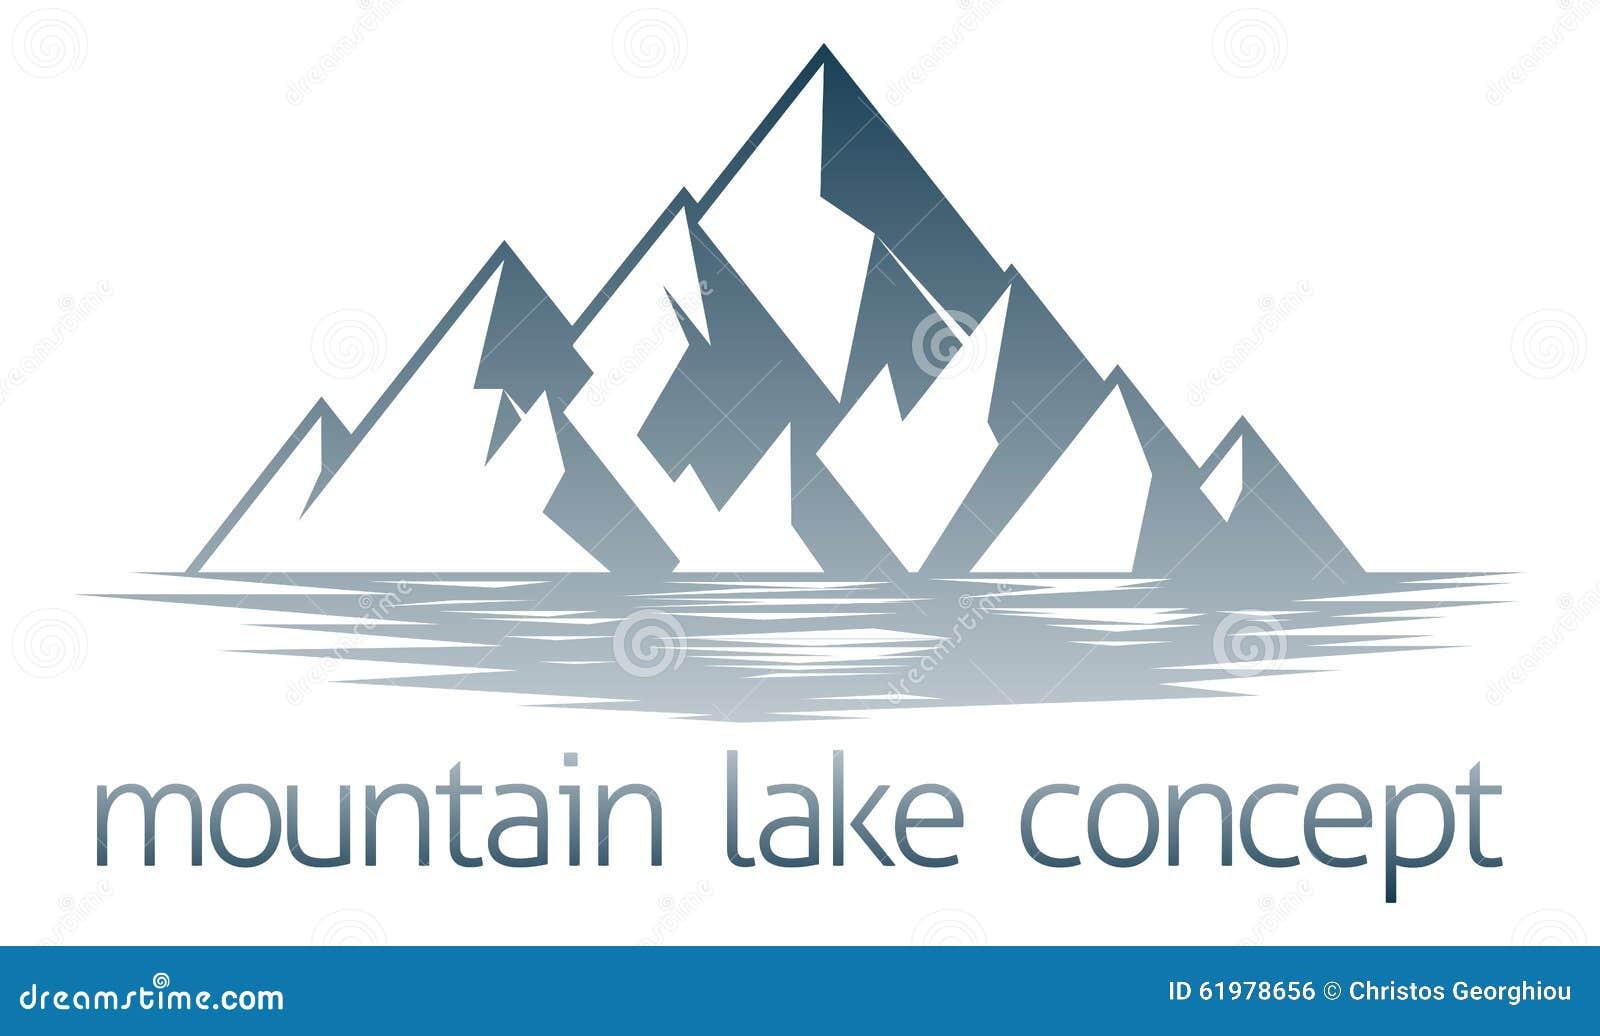 mountain lake concept stock vector image 61978656